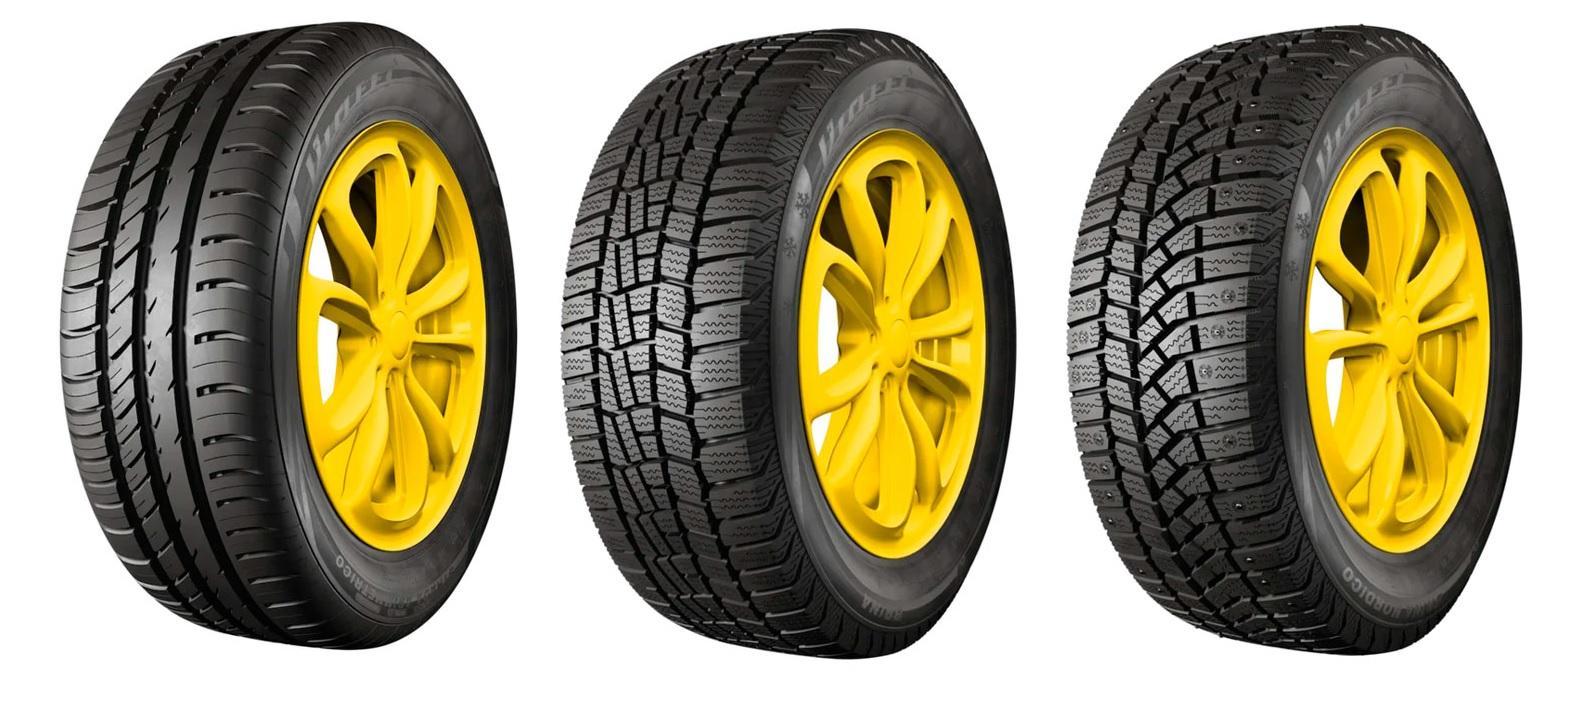 Шины Viatti в лидерах рейтинга лучших шин для Hyundai Solaris